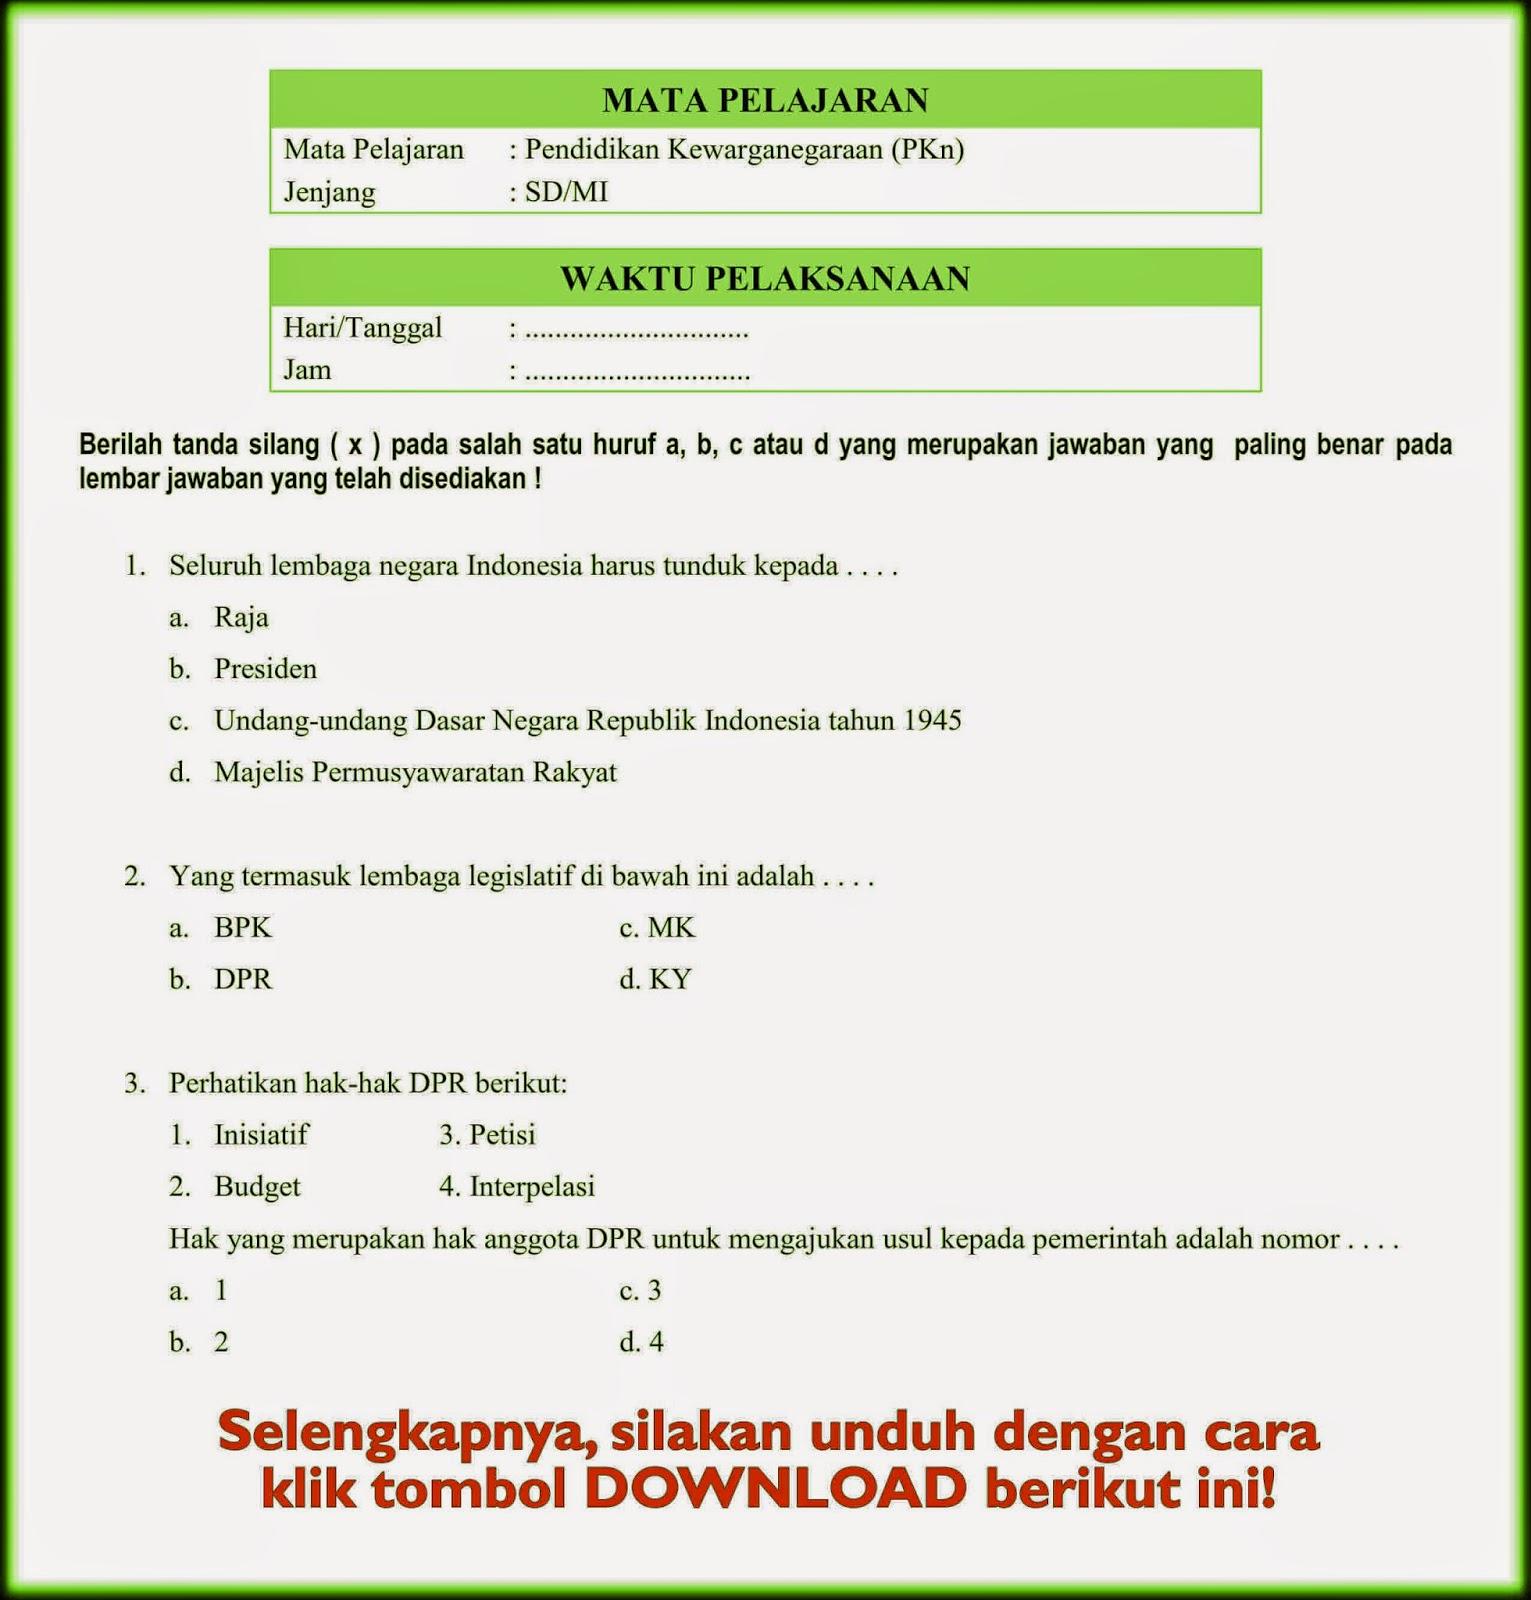 Soal Ujian Bahasa Inggris Smp Kelas 9 2016 Newhairstylesformen2014